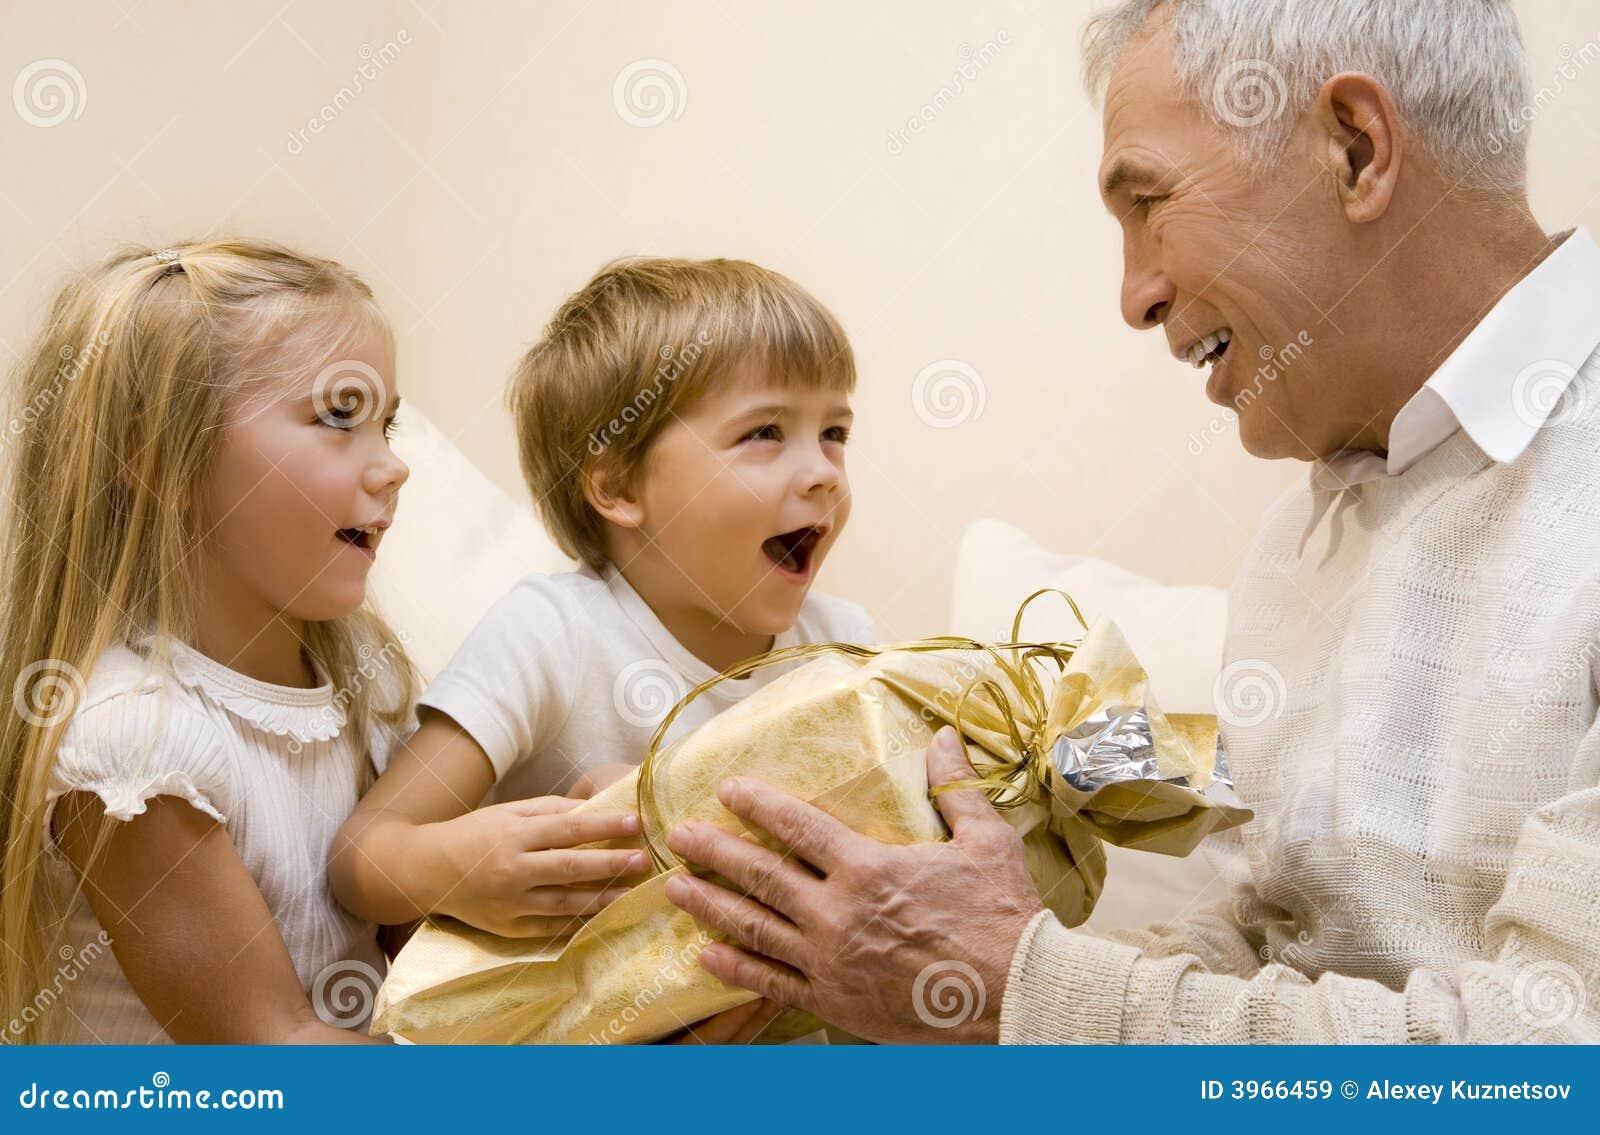 Как из мальчика сделать дедушку